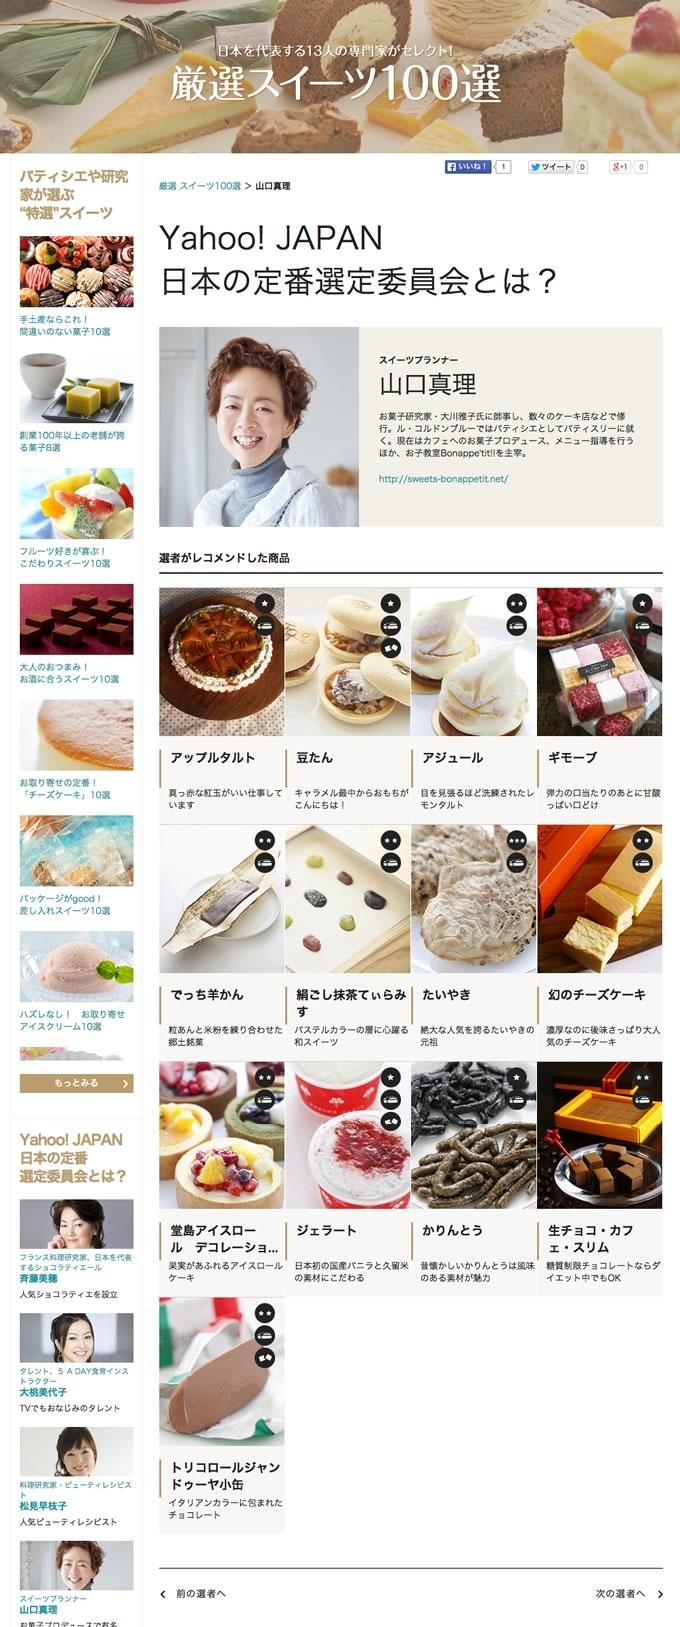 Yahoo!JAPAN厳選スイーツ100選 イメージ1